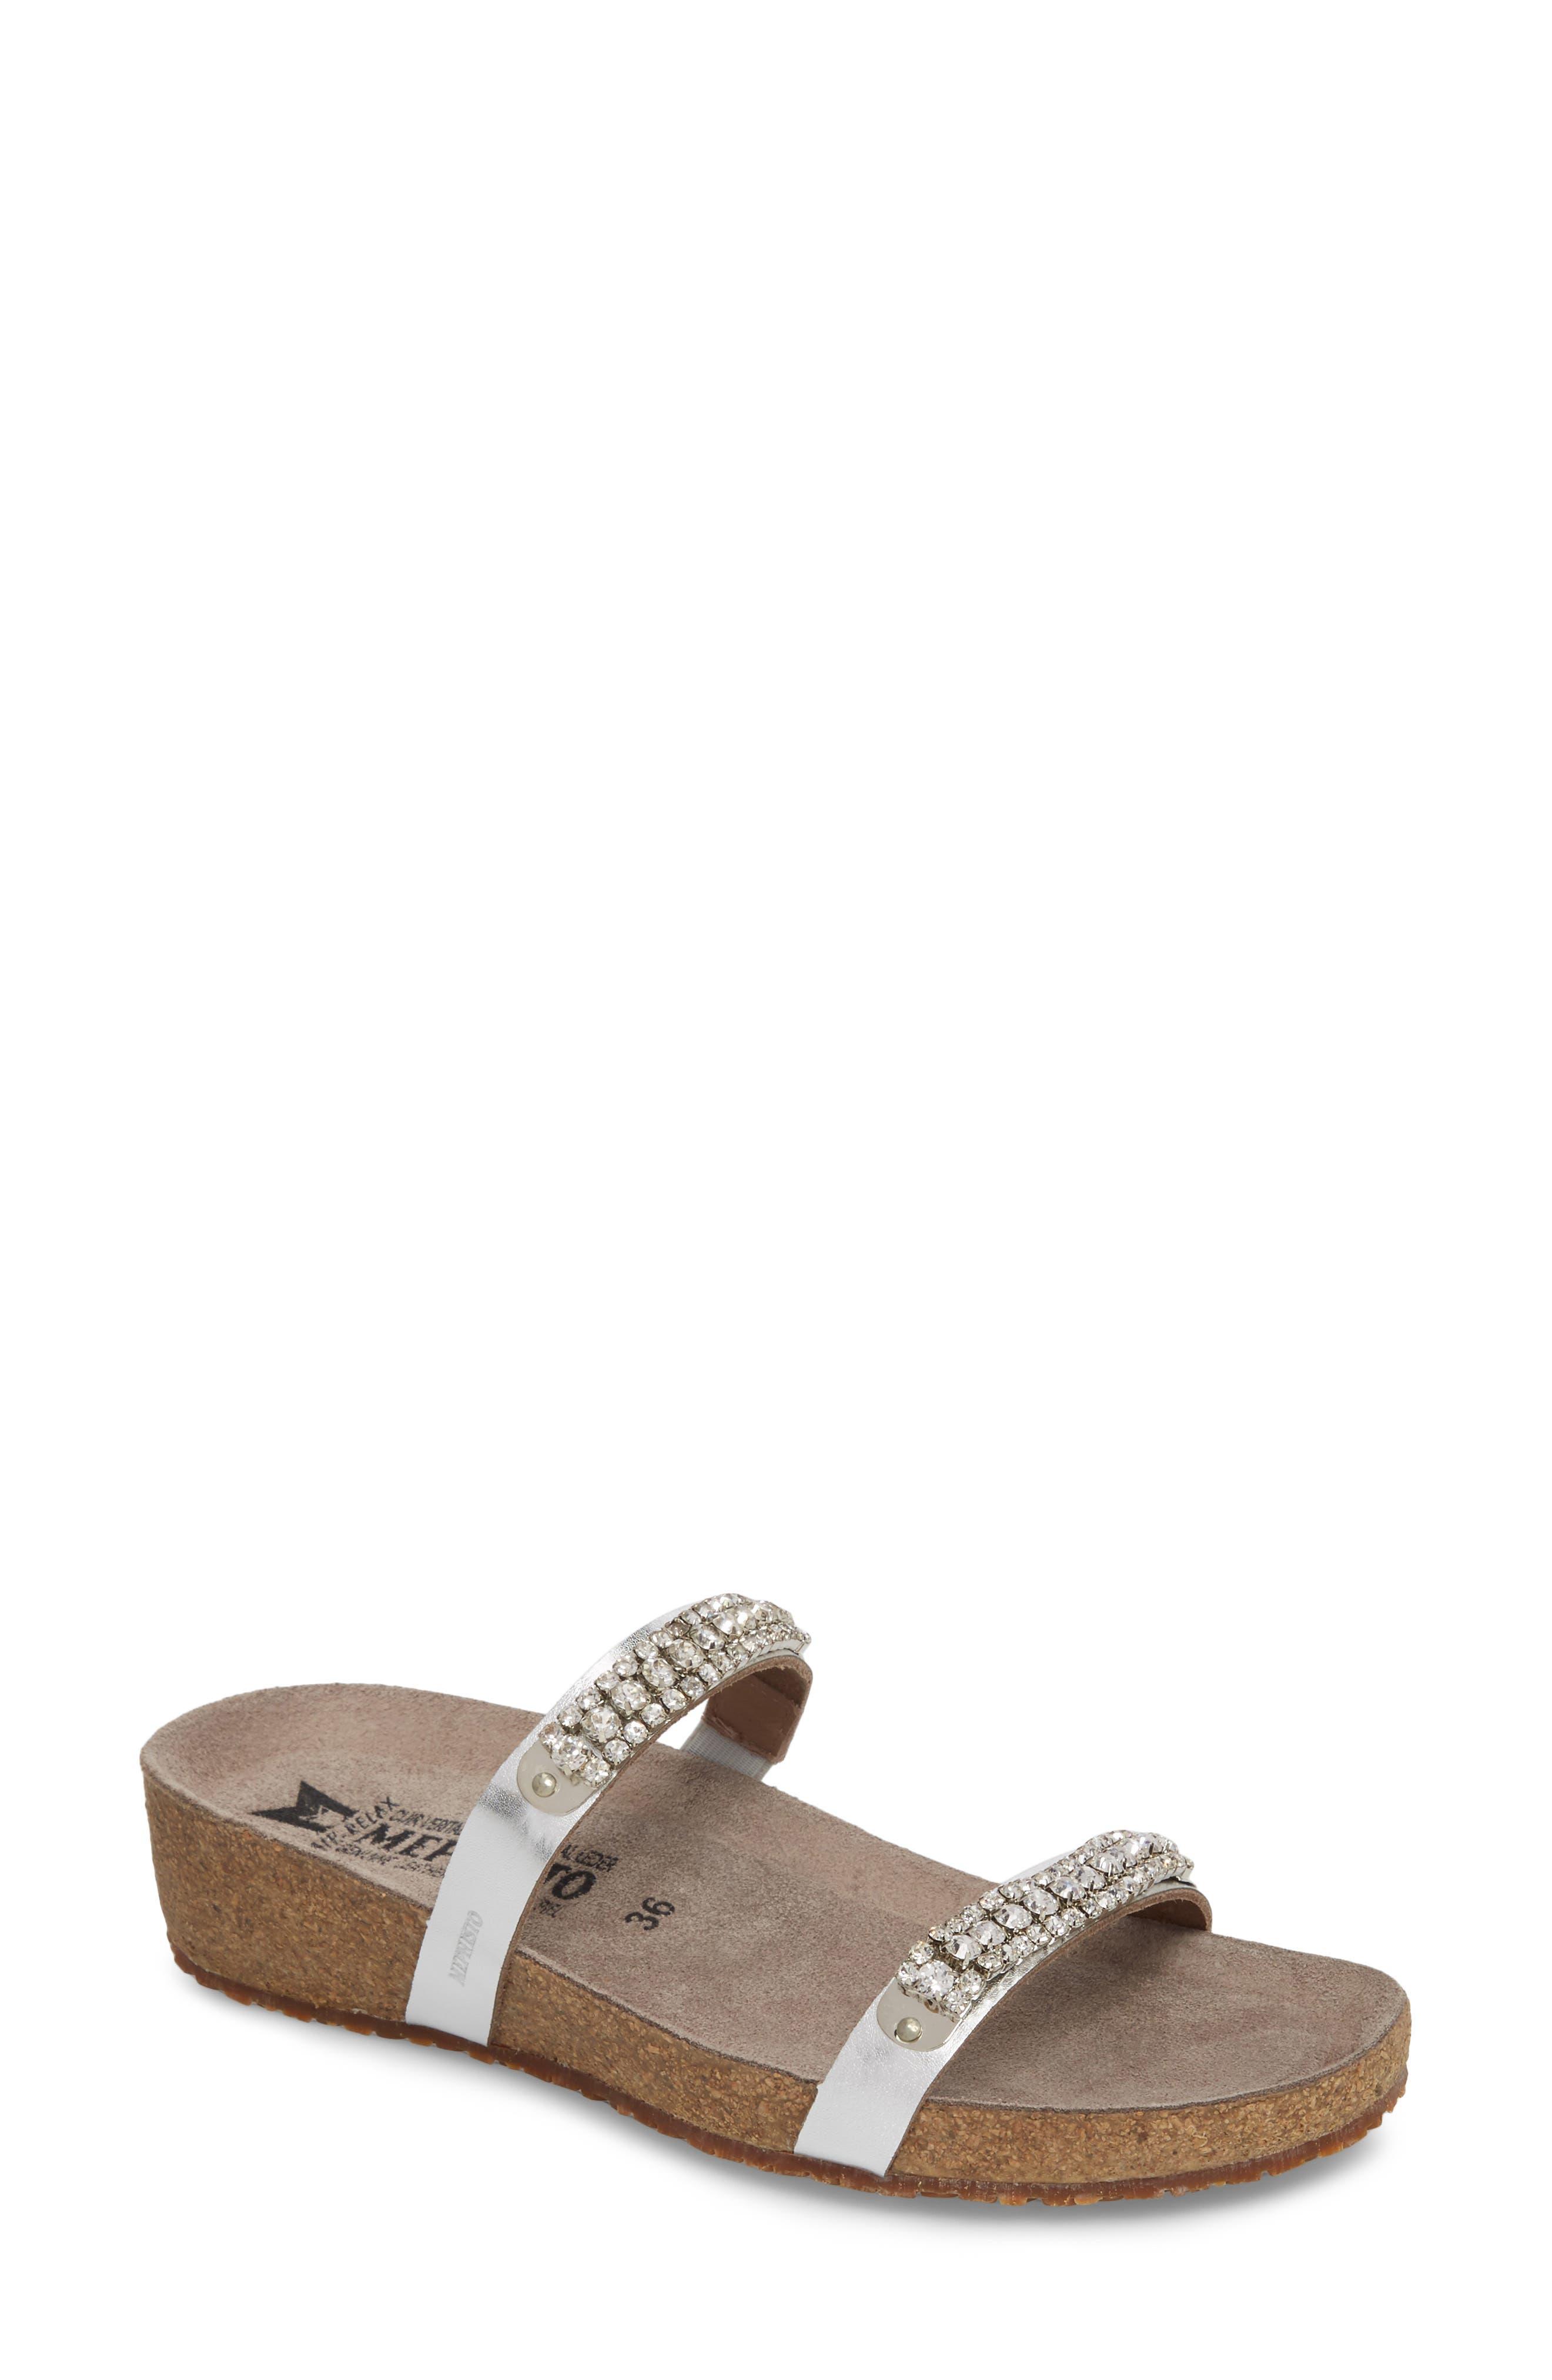 MEPHISTO 'Ivana' Crystal Embellished Slide Sandal, Main, color, NICKEL LEATHER